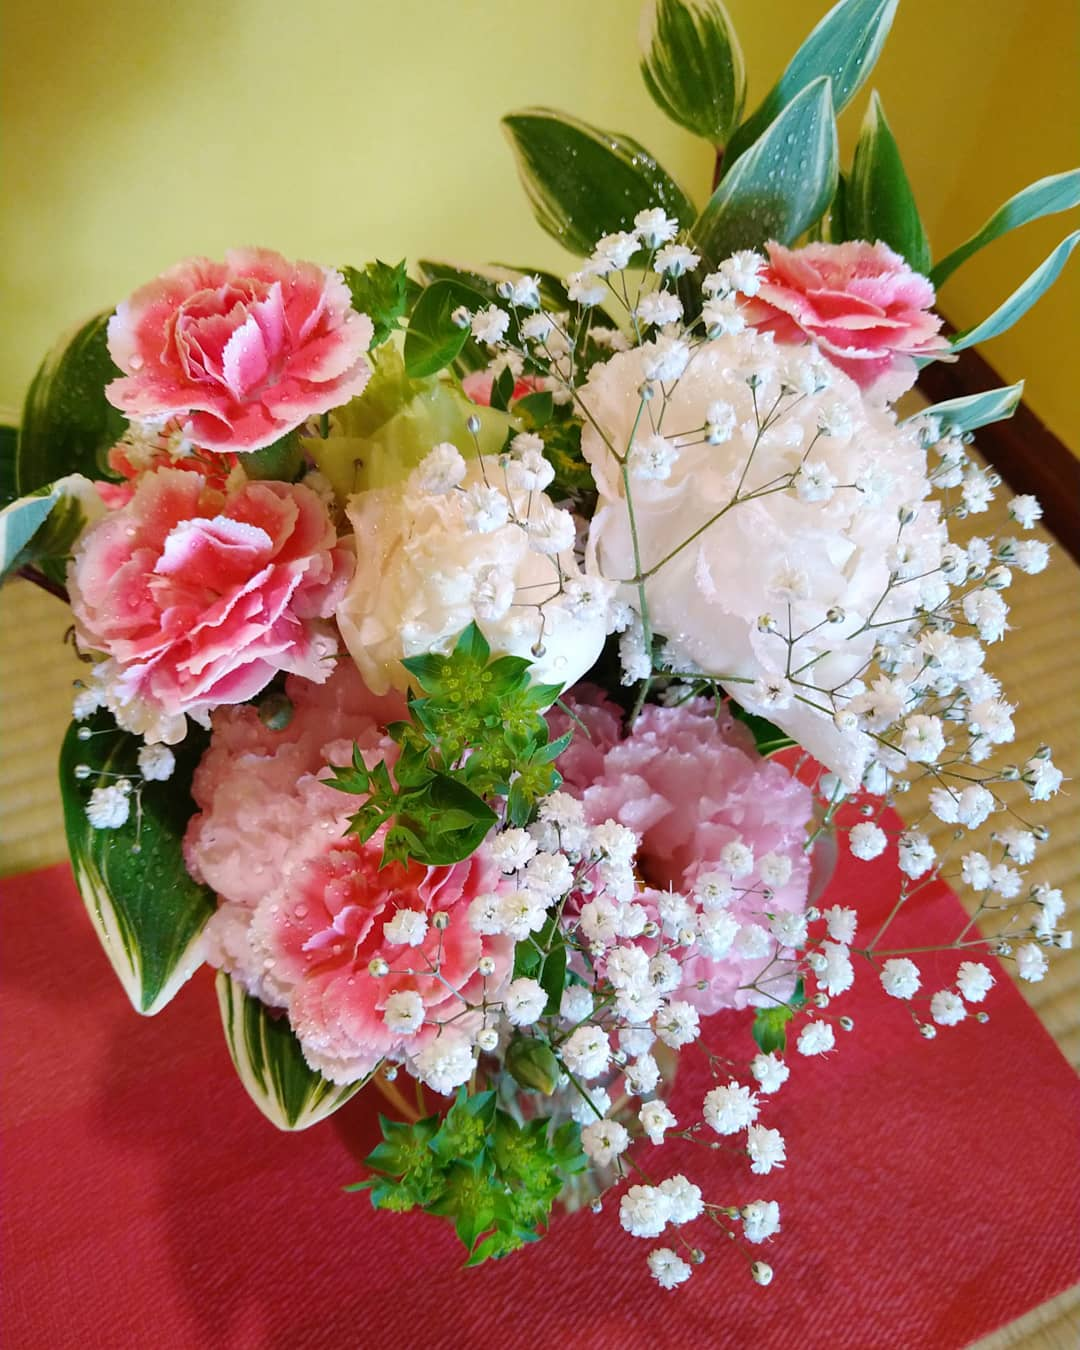 友人から素敵な花束を頂きました 大切に飾らせて頂きます とっても可愛くて店内も華やかになり、嬉しくて幸せです️ ありがとうございます♀